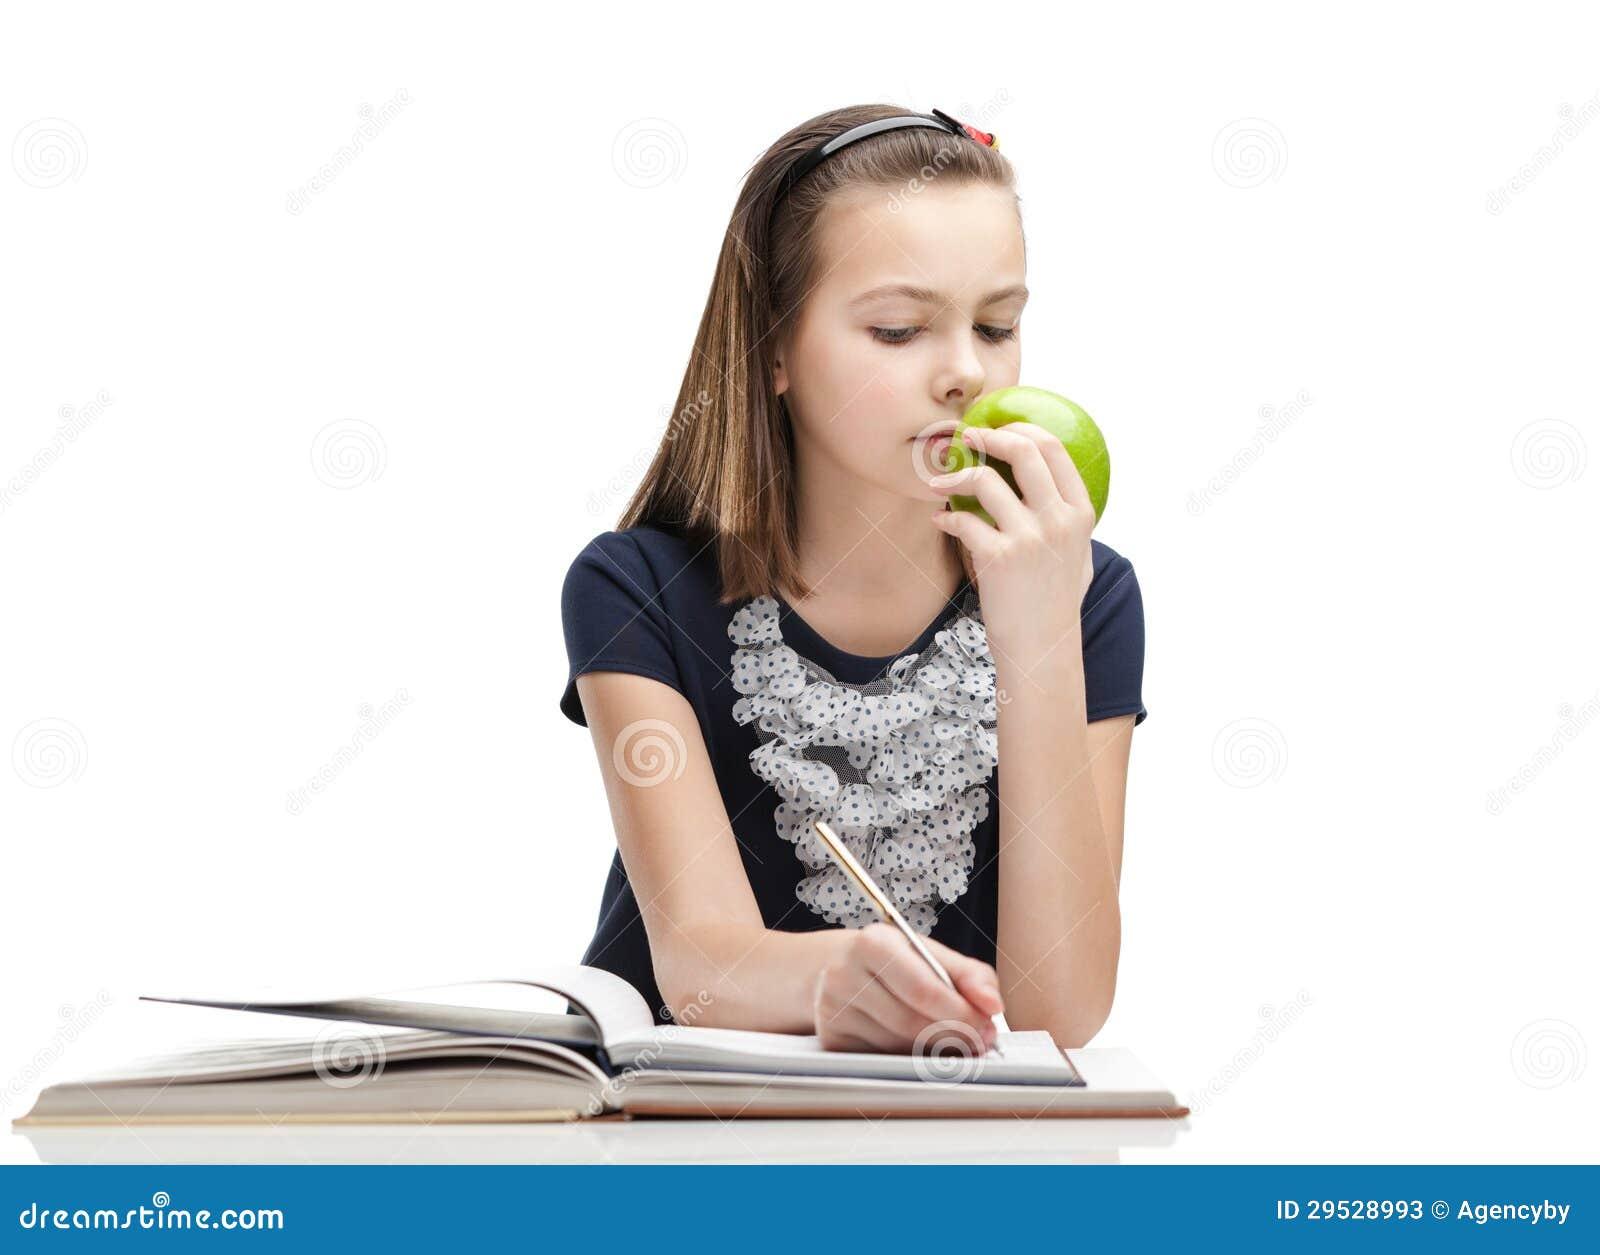 O aluno está comendo uma maçã madura